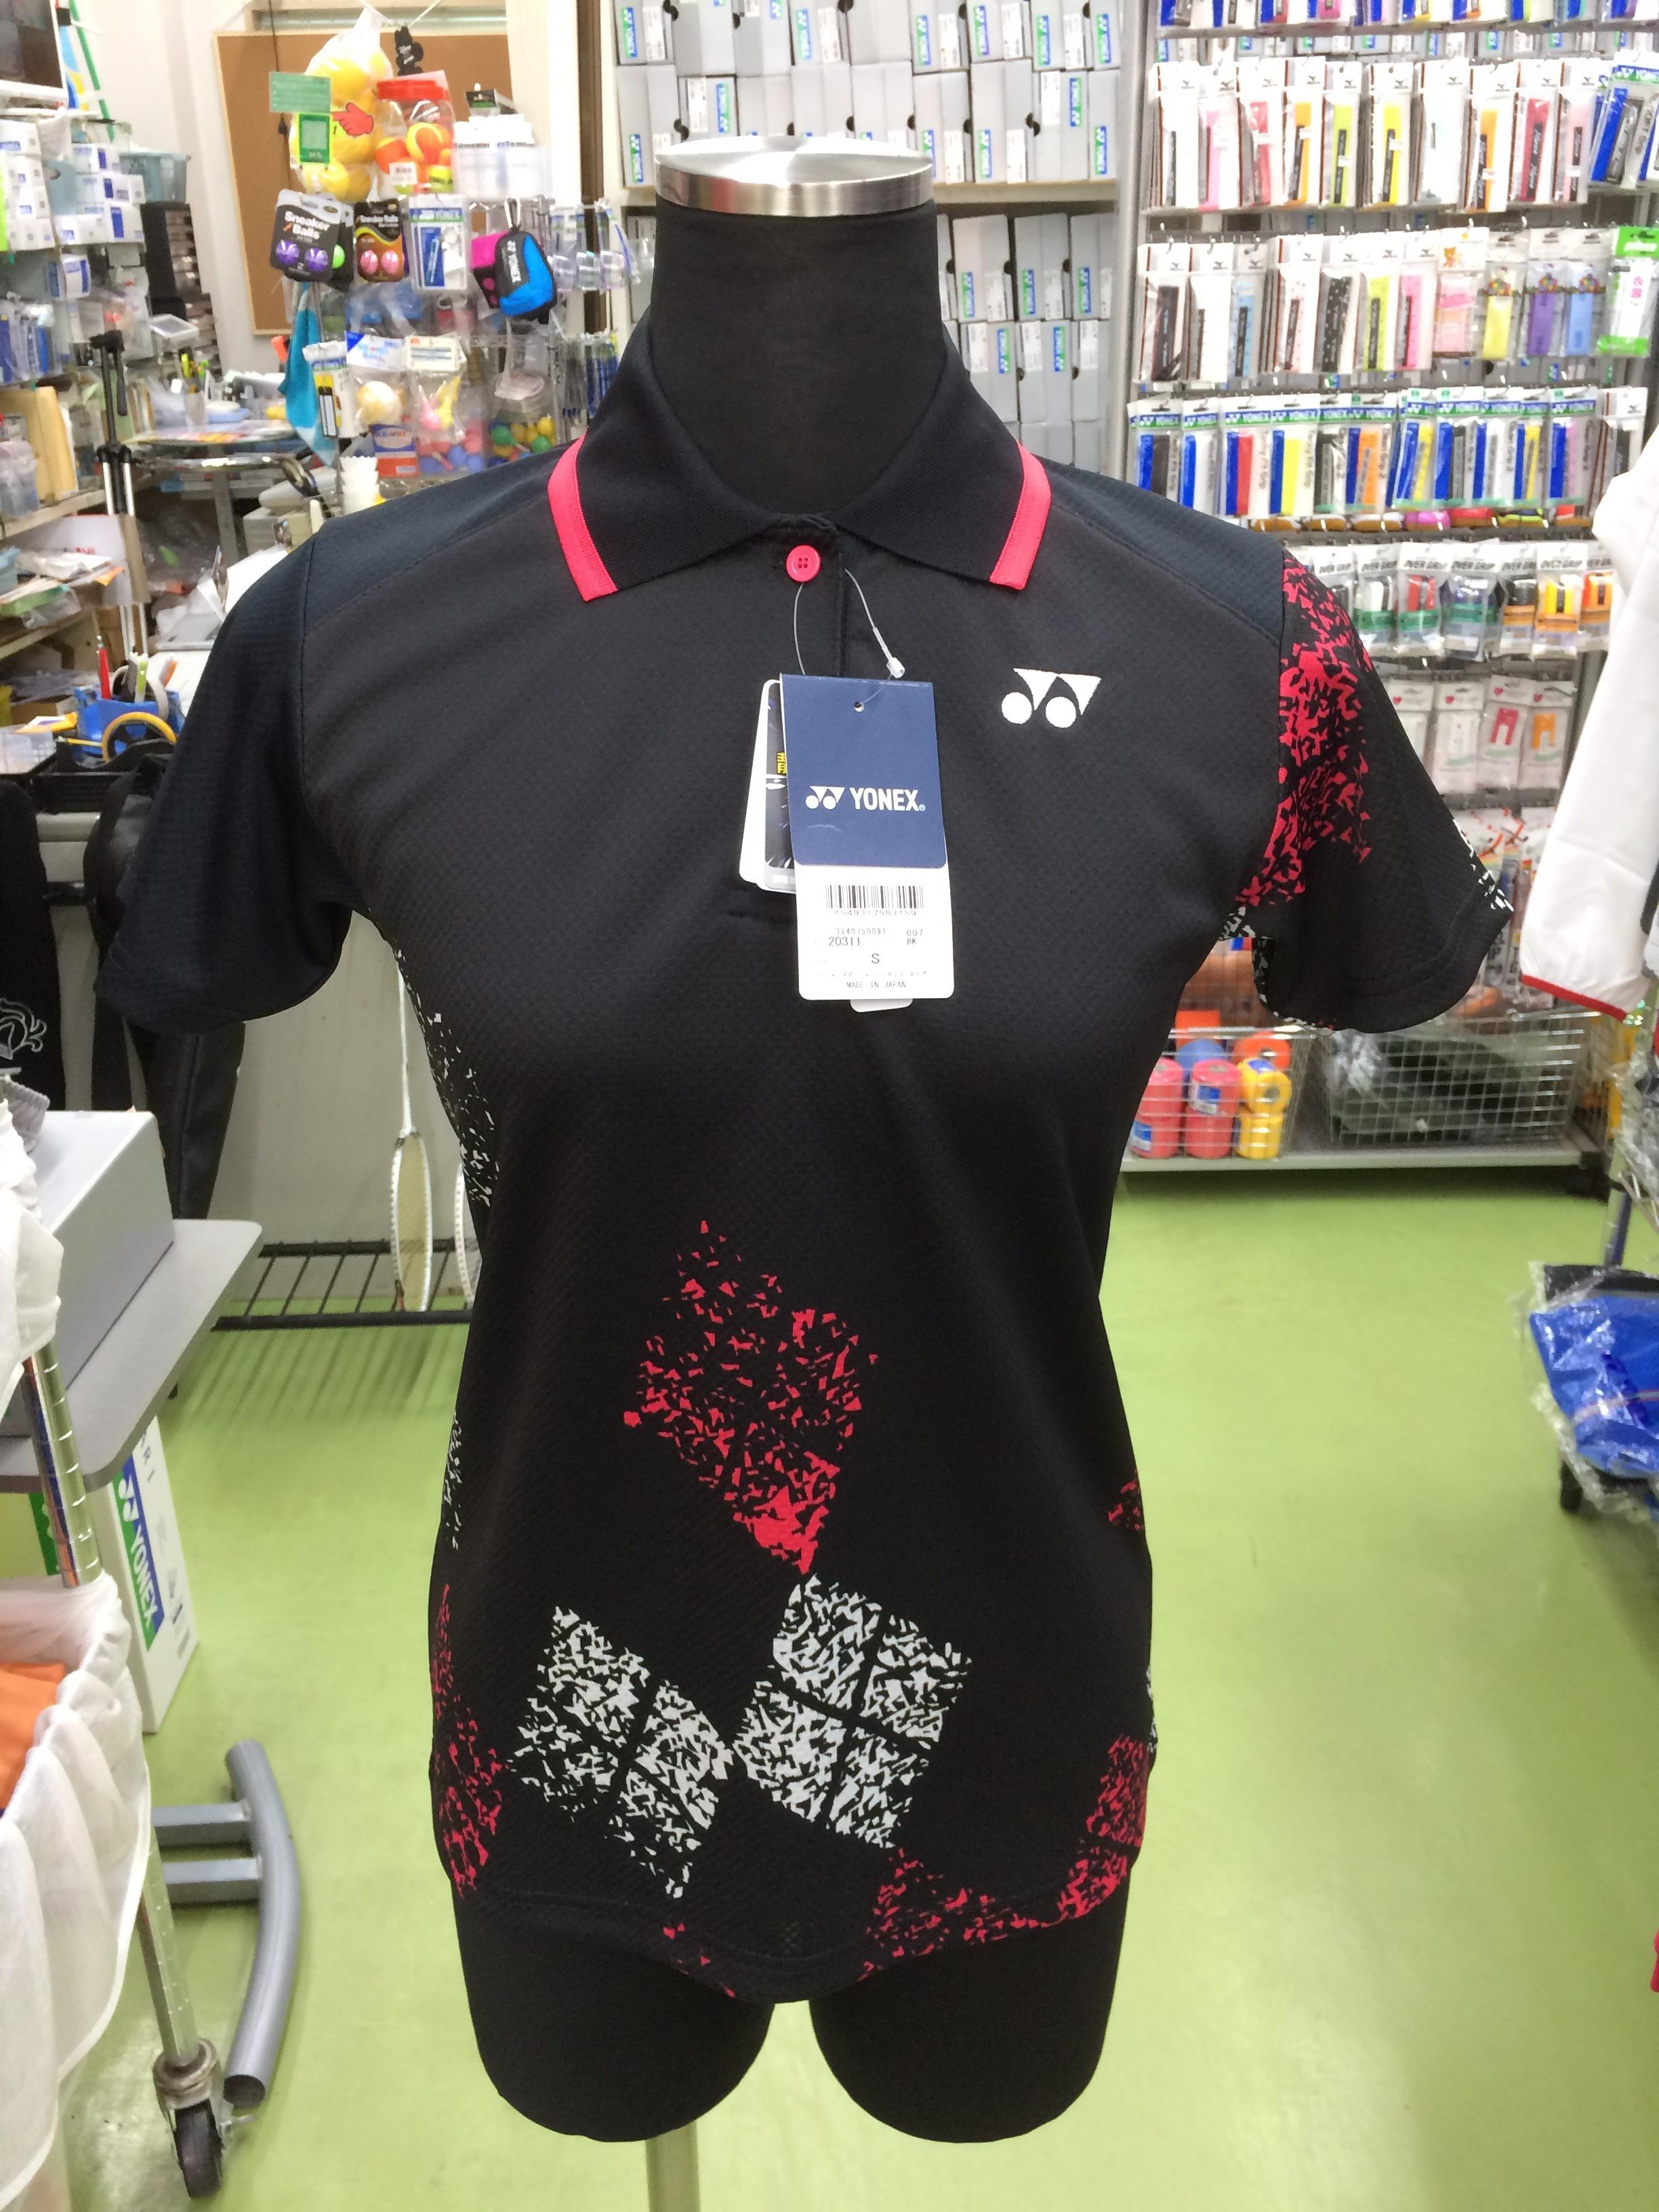 ヨネックス レディースゲームシャツ 20311 - 画像1